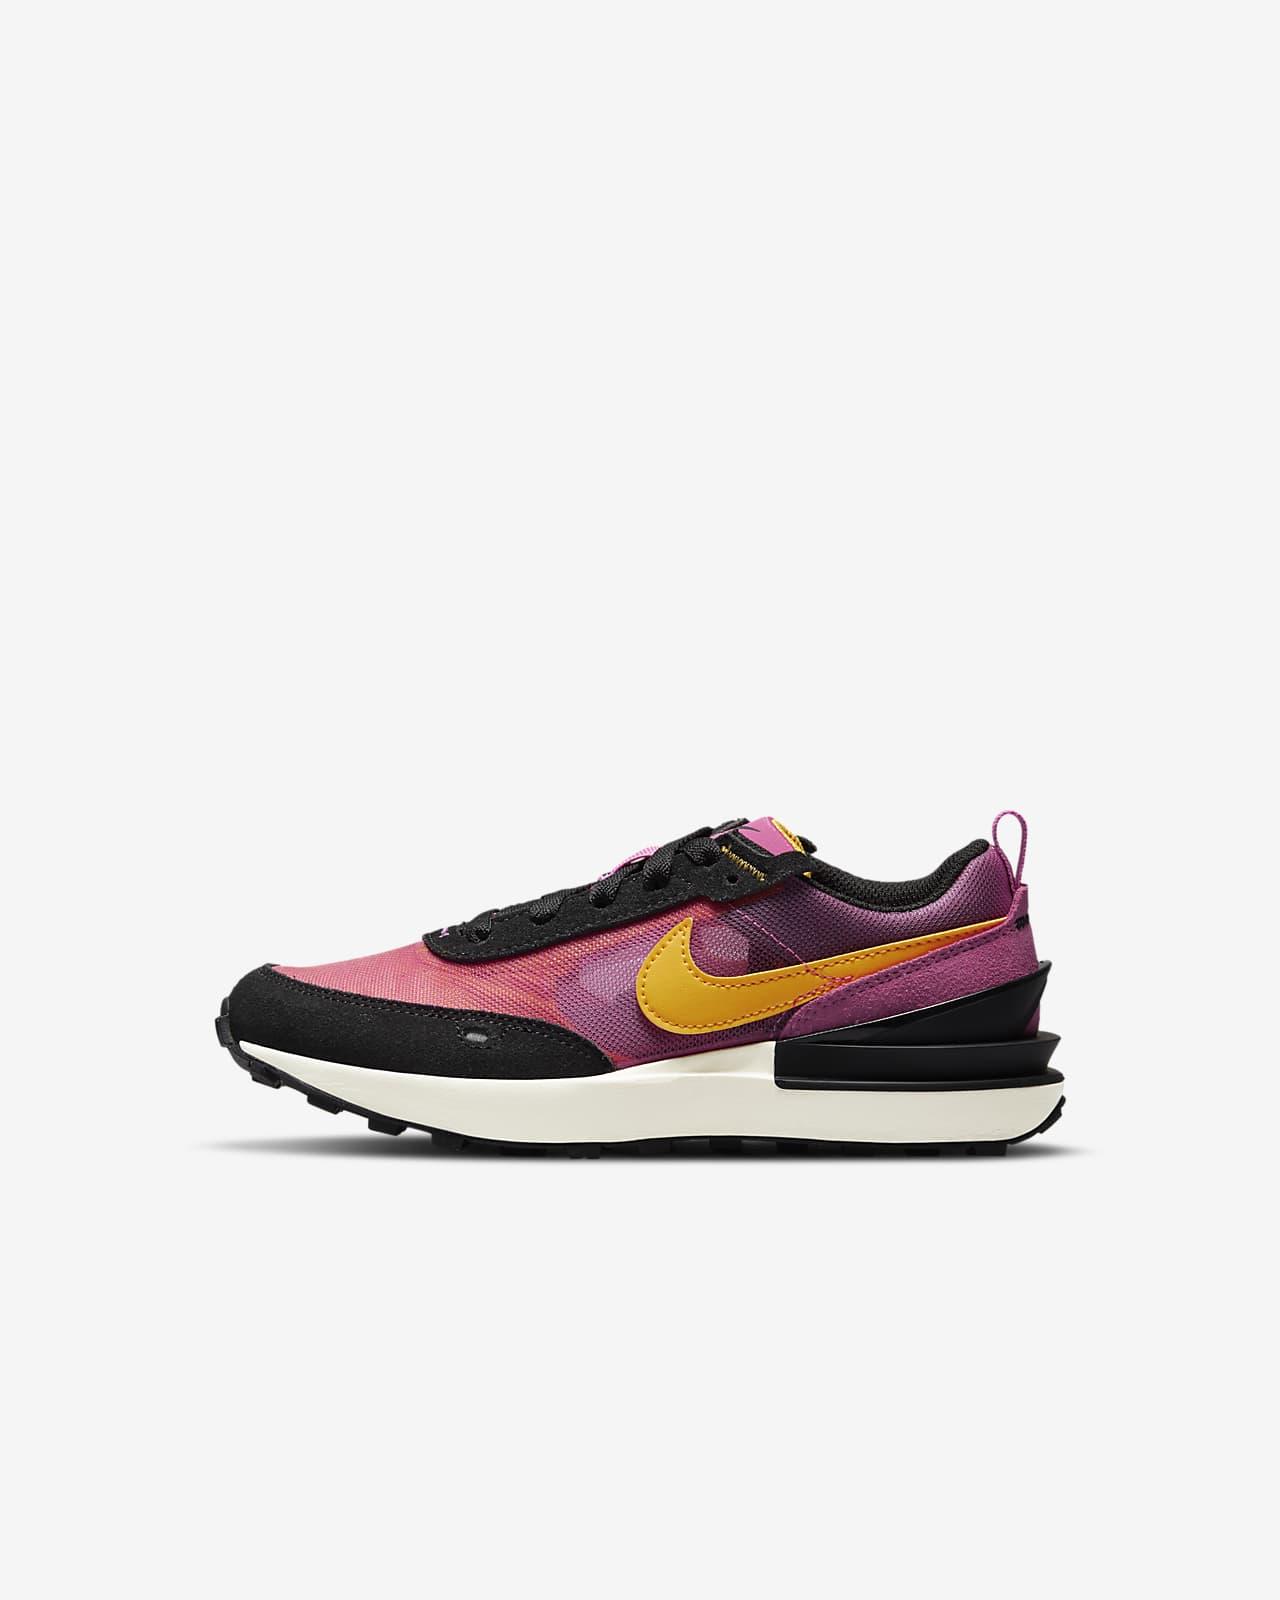 Nike Waffle One Schuh für jüngere Kinder